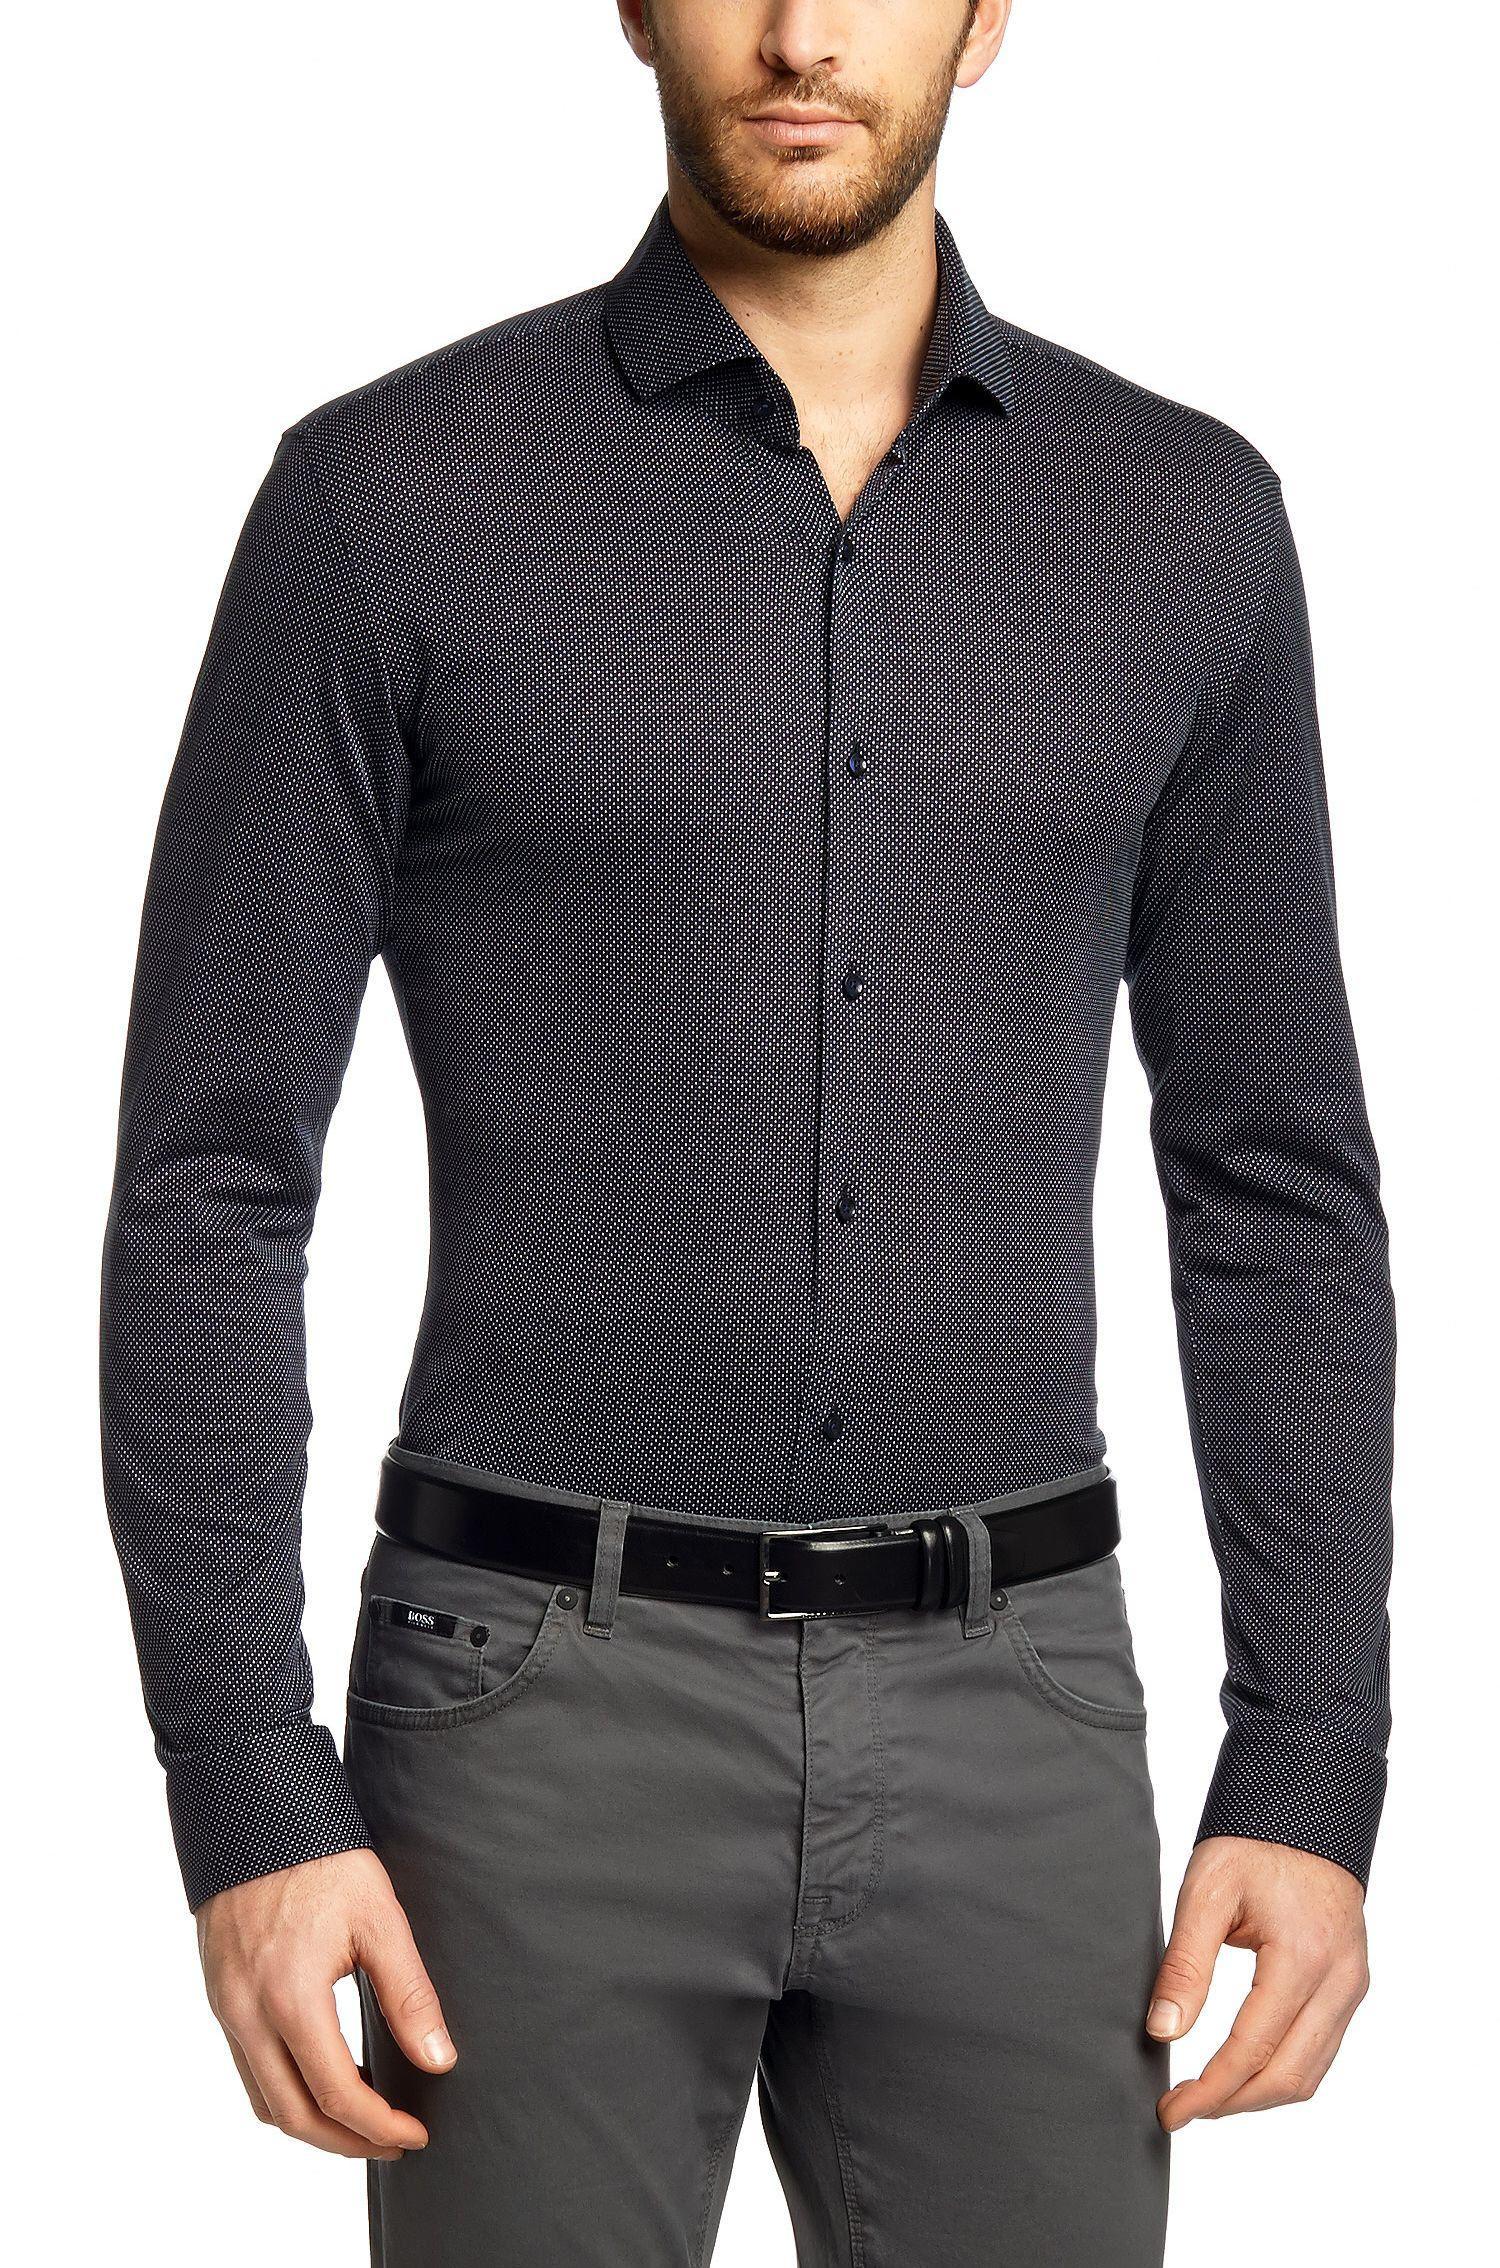 BOSS Chemise décontractée Slim Fit Mason 6 en coton Bleu foncé prix Chemise  homme Hugo Boss 160.00 € d6084734627